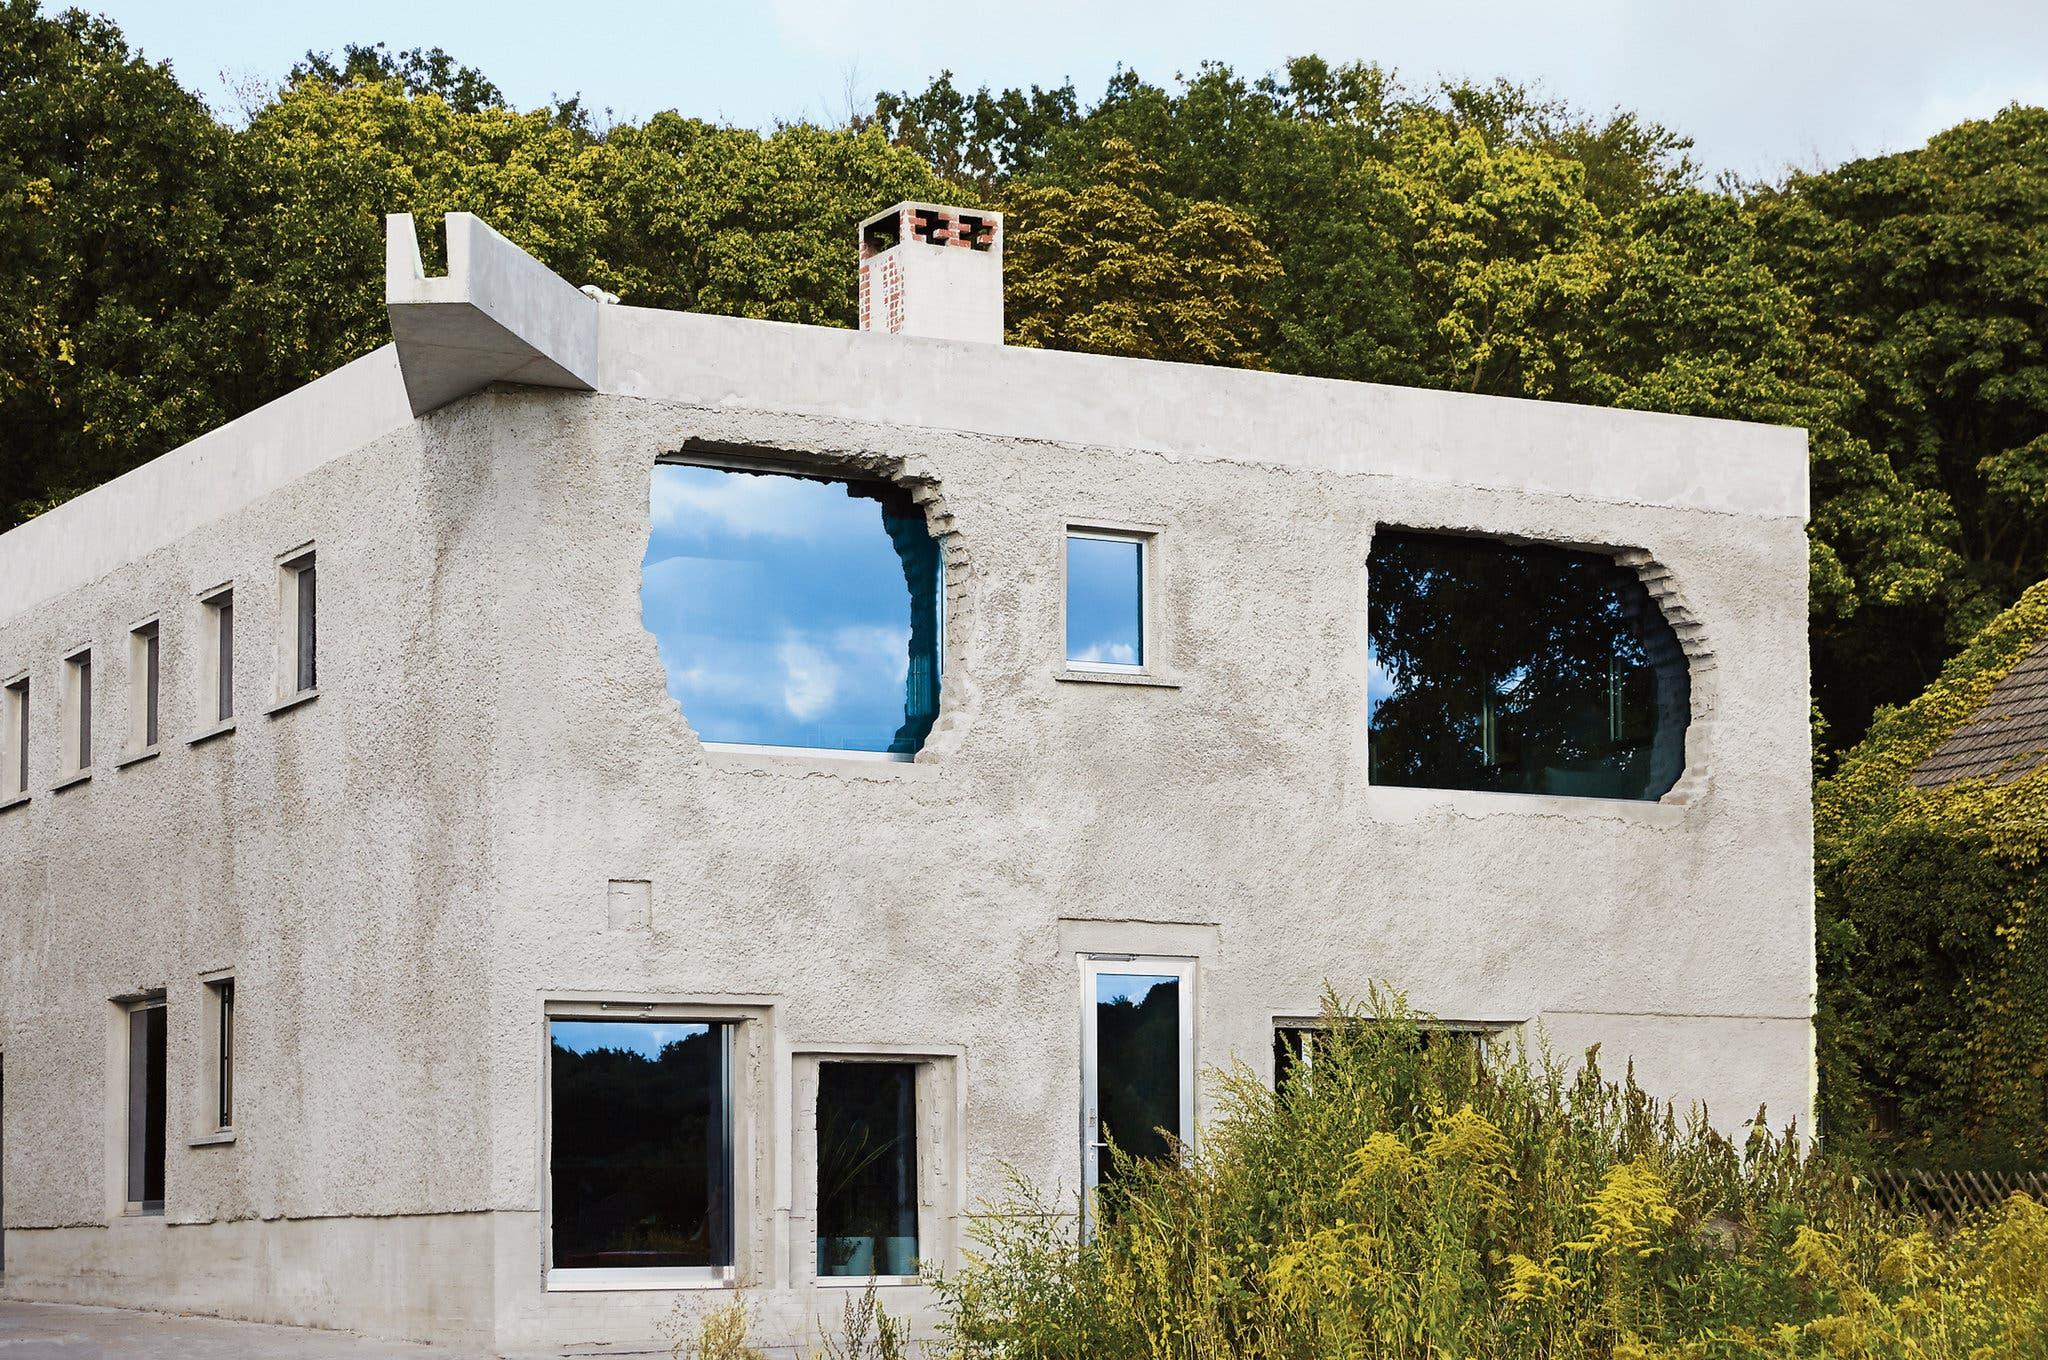 brutalist-architecture-slide-0TC9-superJumbo.jpg